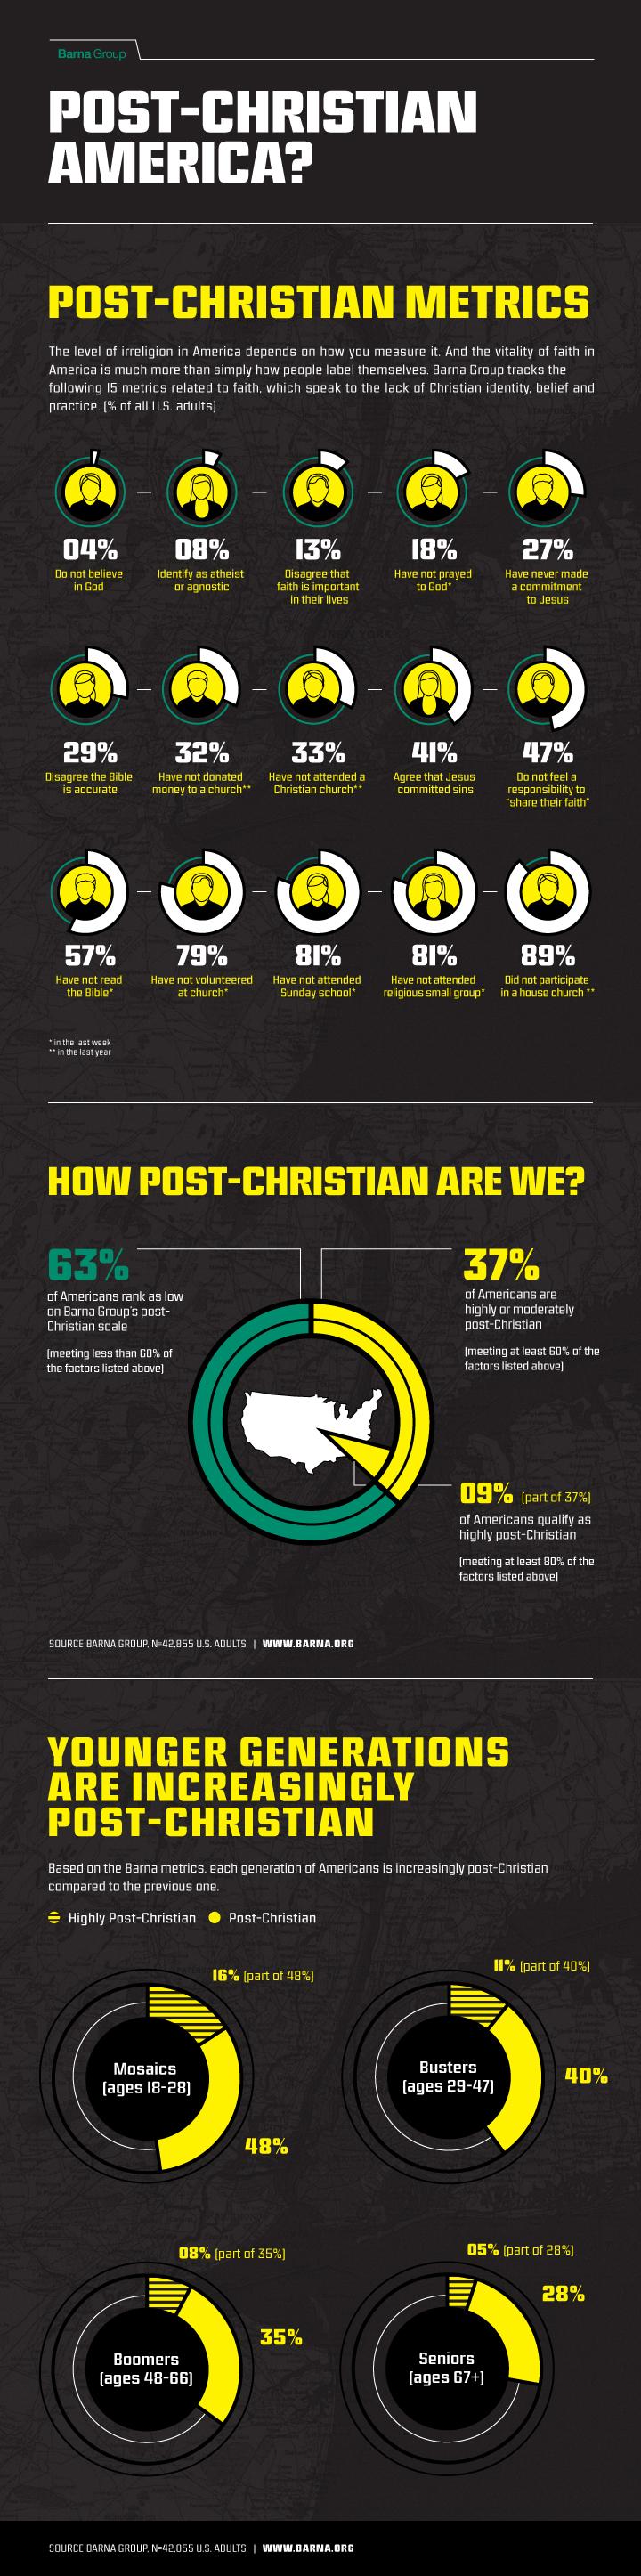 Post-Christian.jpg